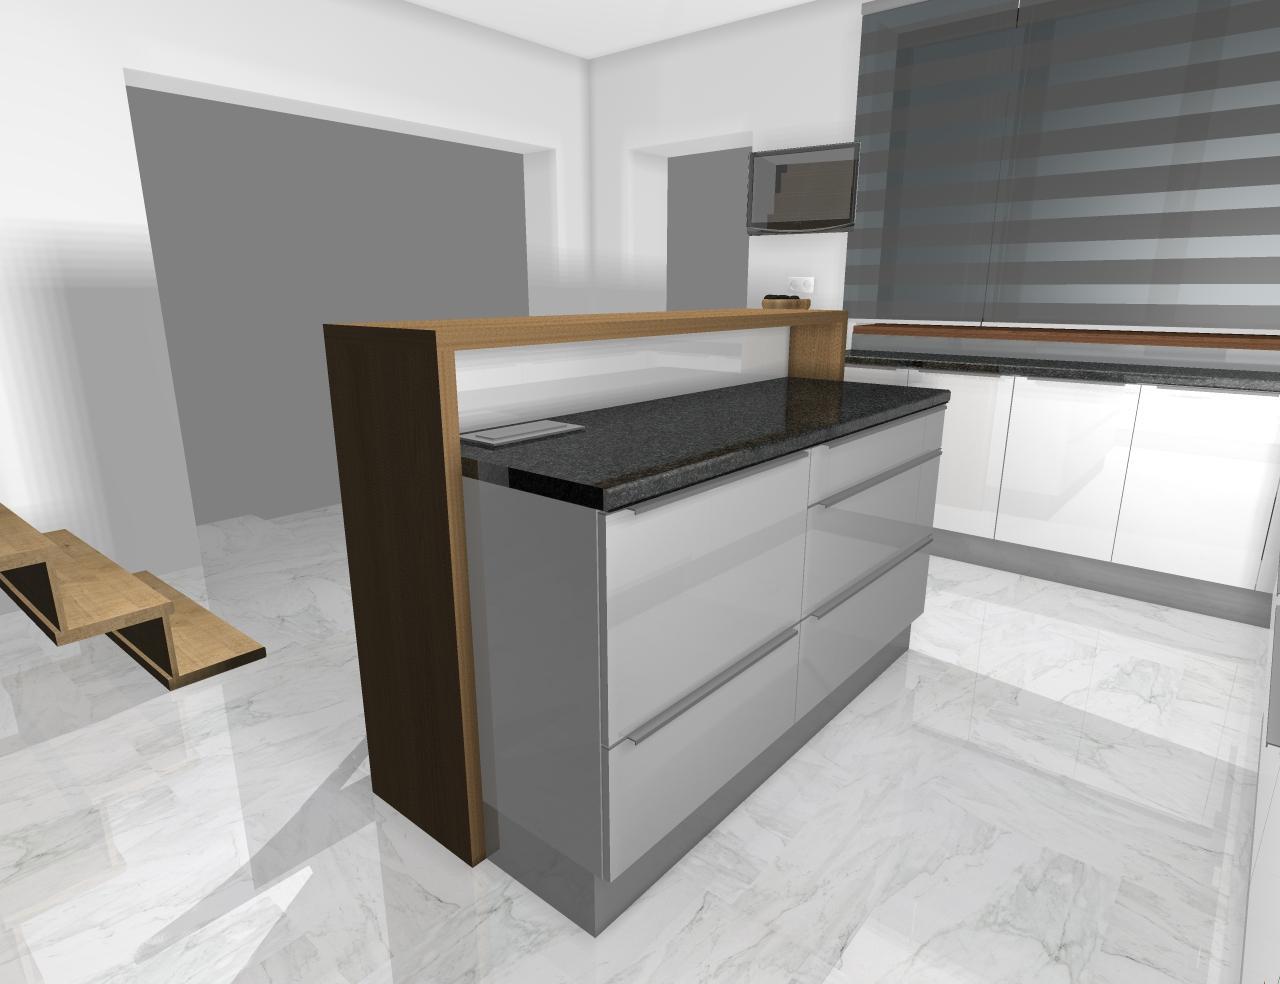 Grafické návrhy kuchynských liniek 2020 - Grafický návrh kuchynskej linky do rodinného domu - obr.8